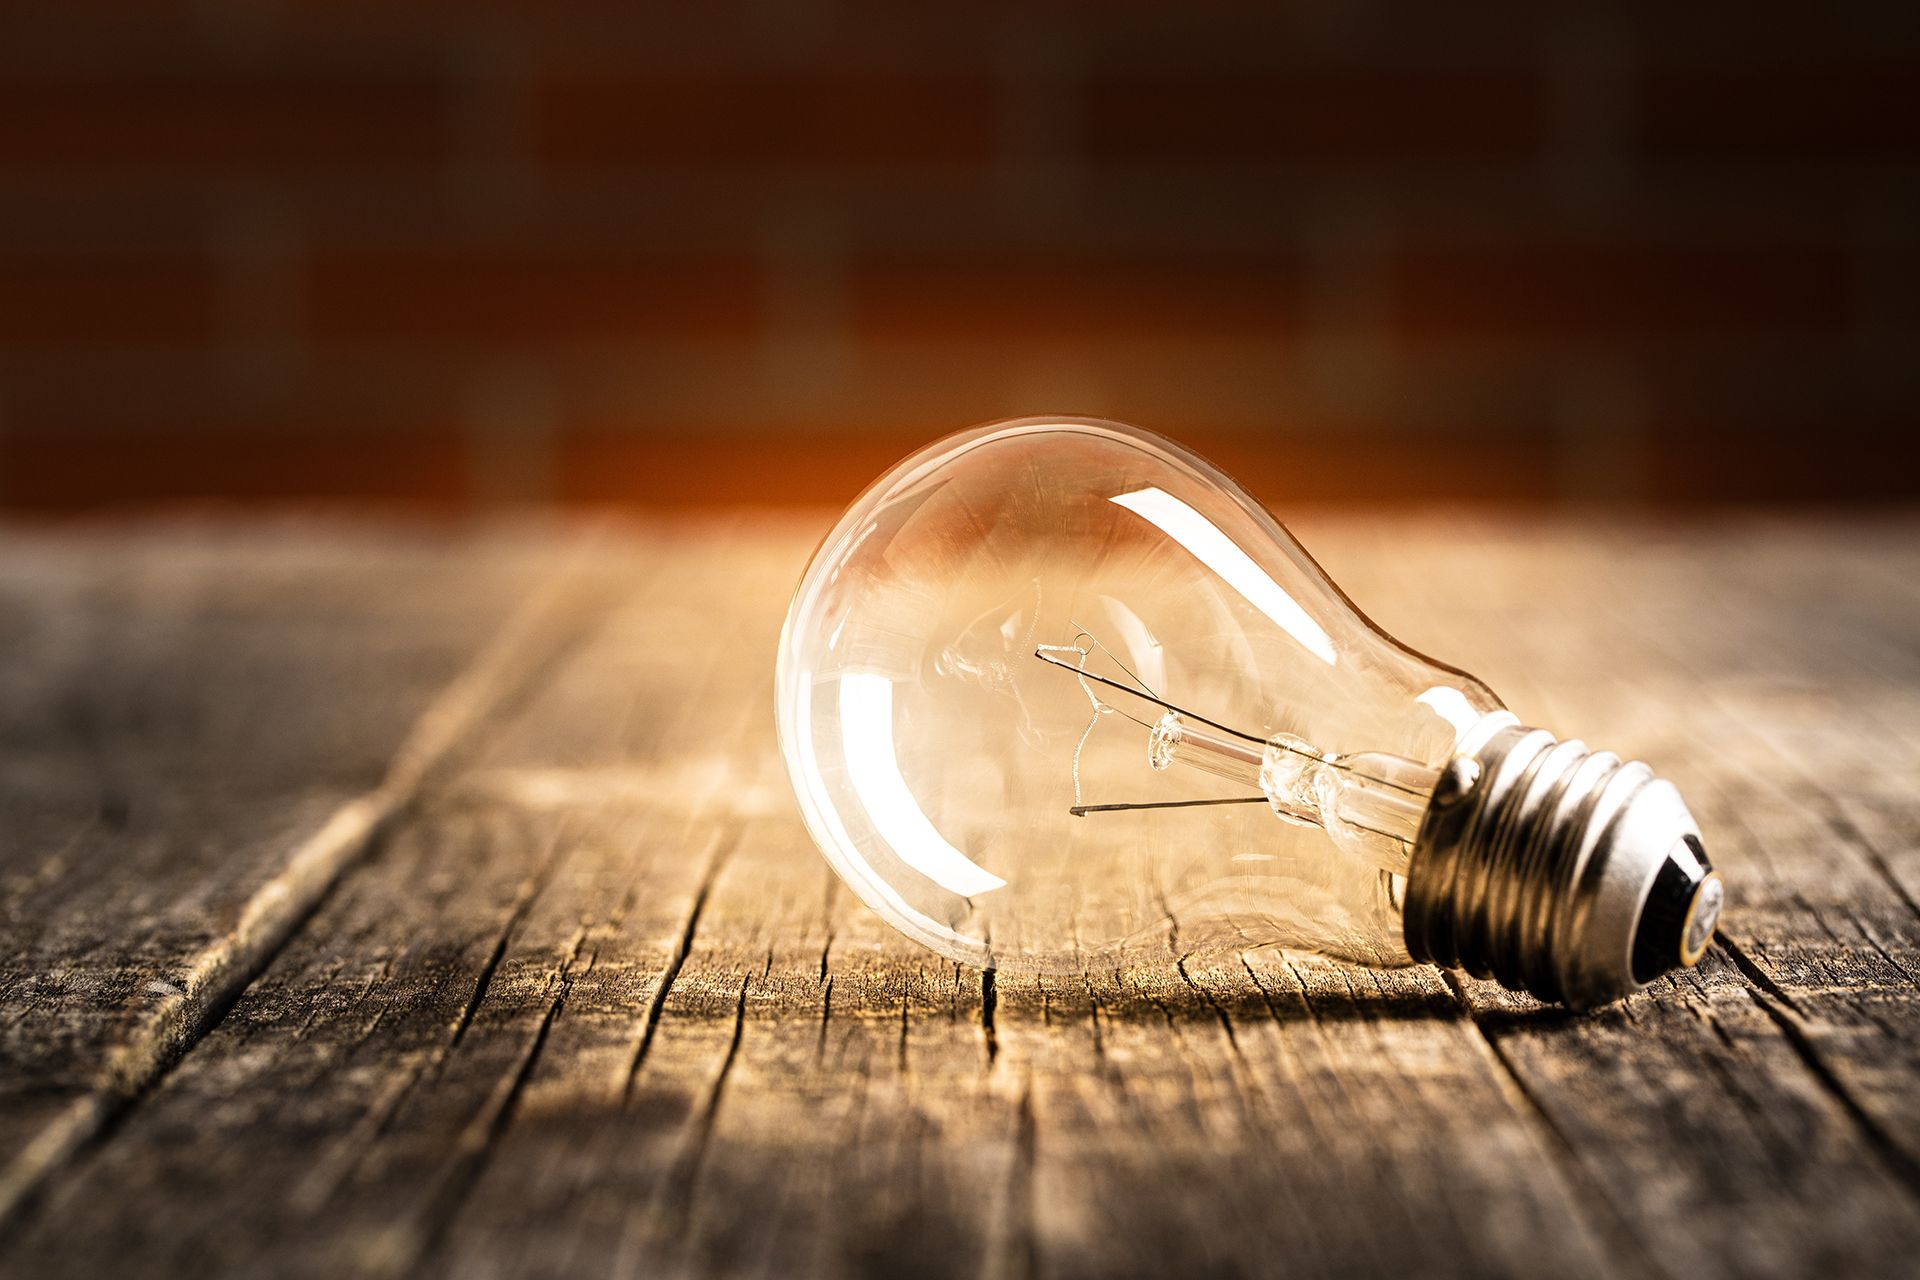 Tarifas 2021: ¿minimizar aumento o recomponer precios relativos?